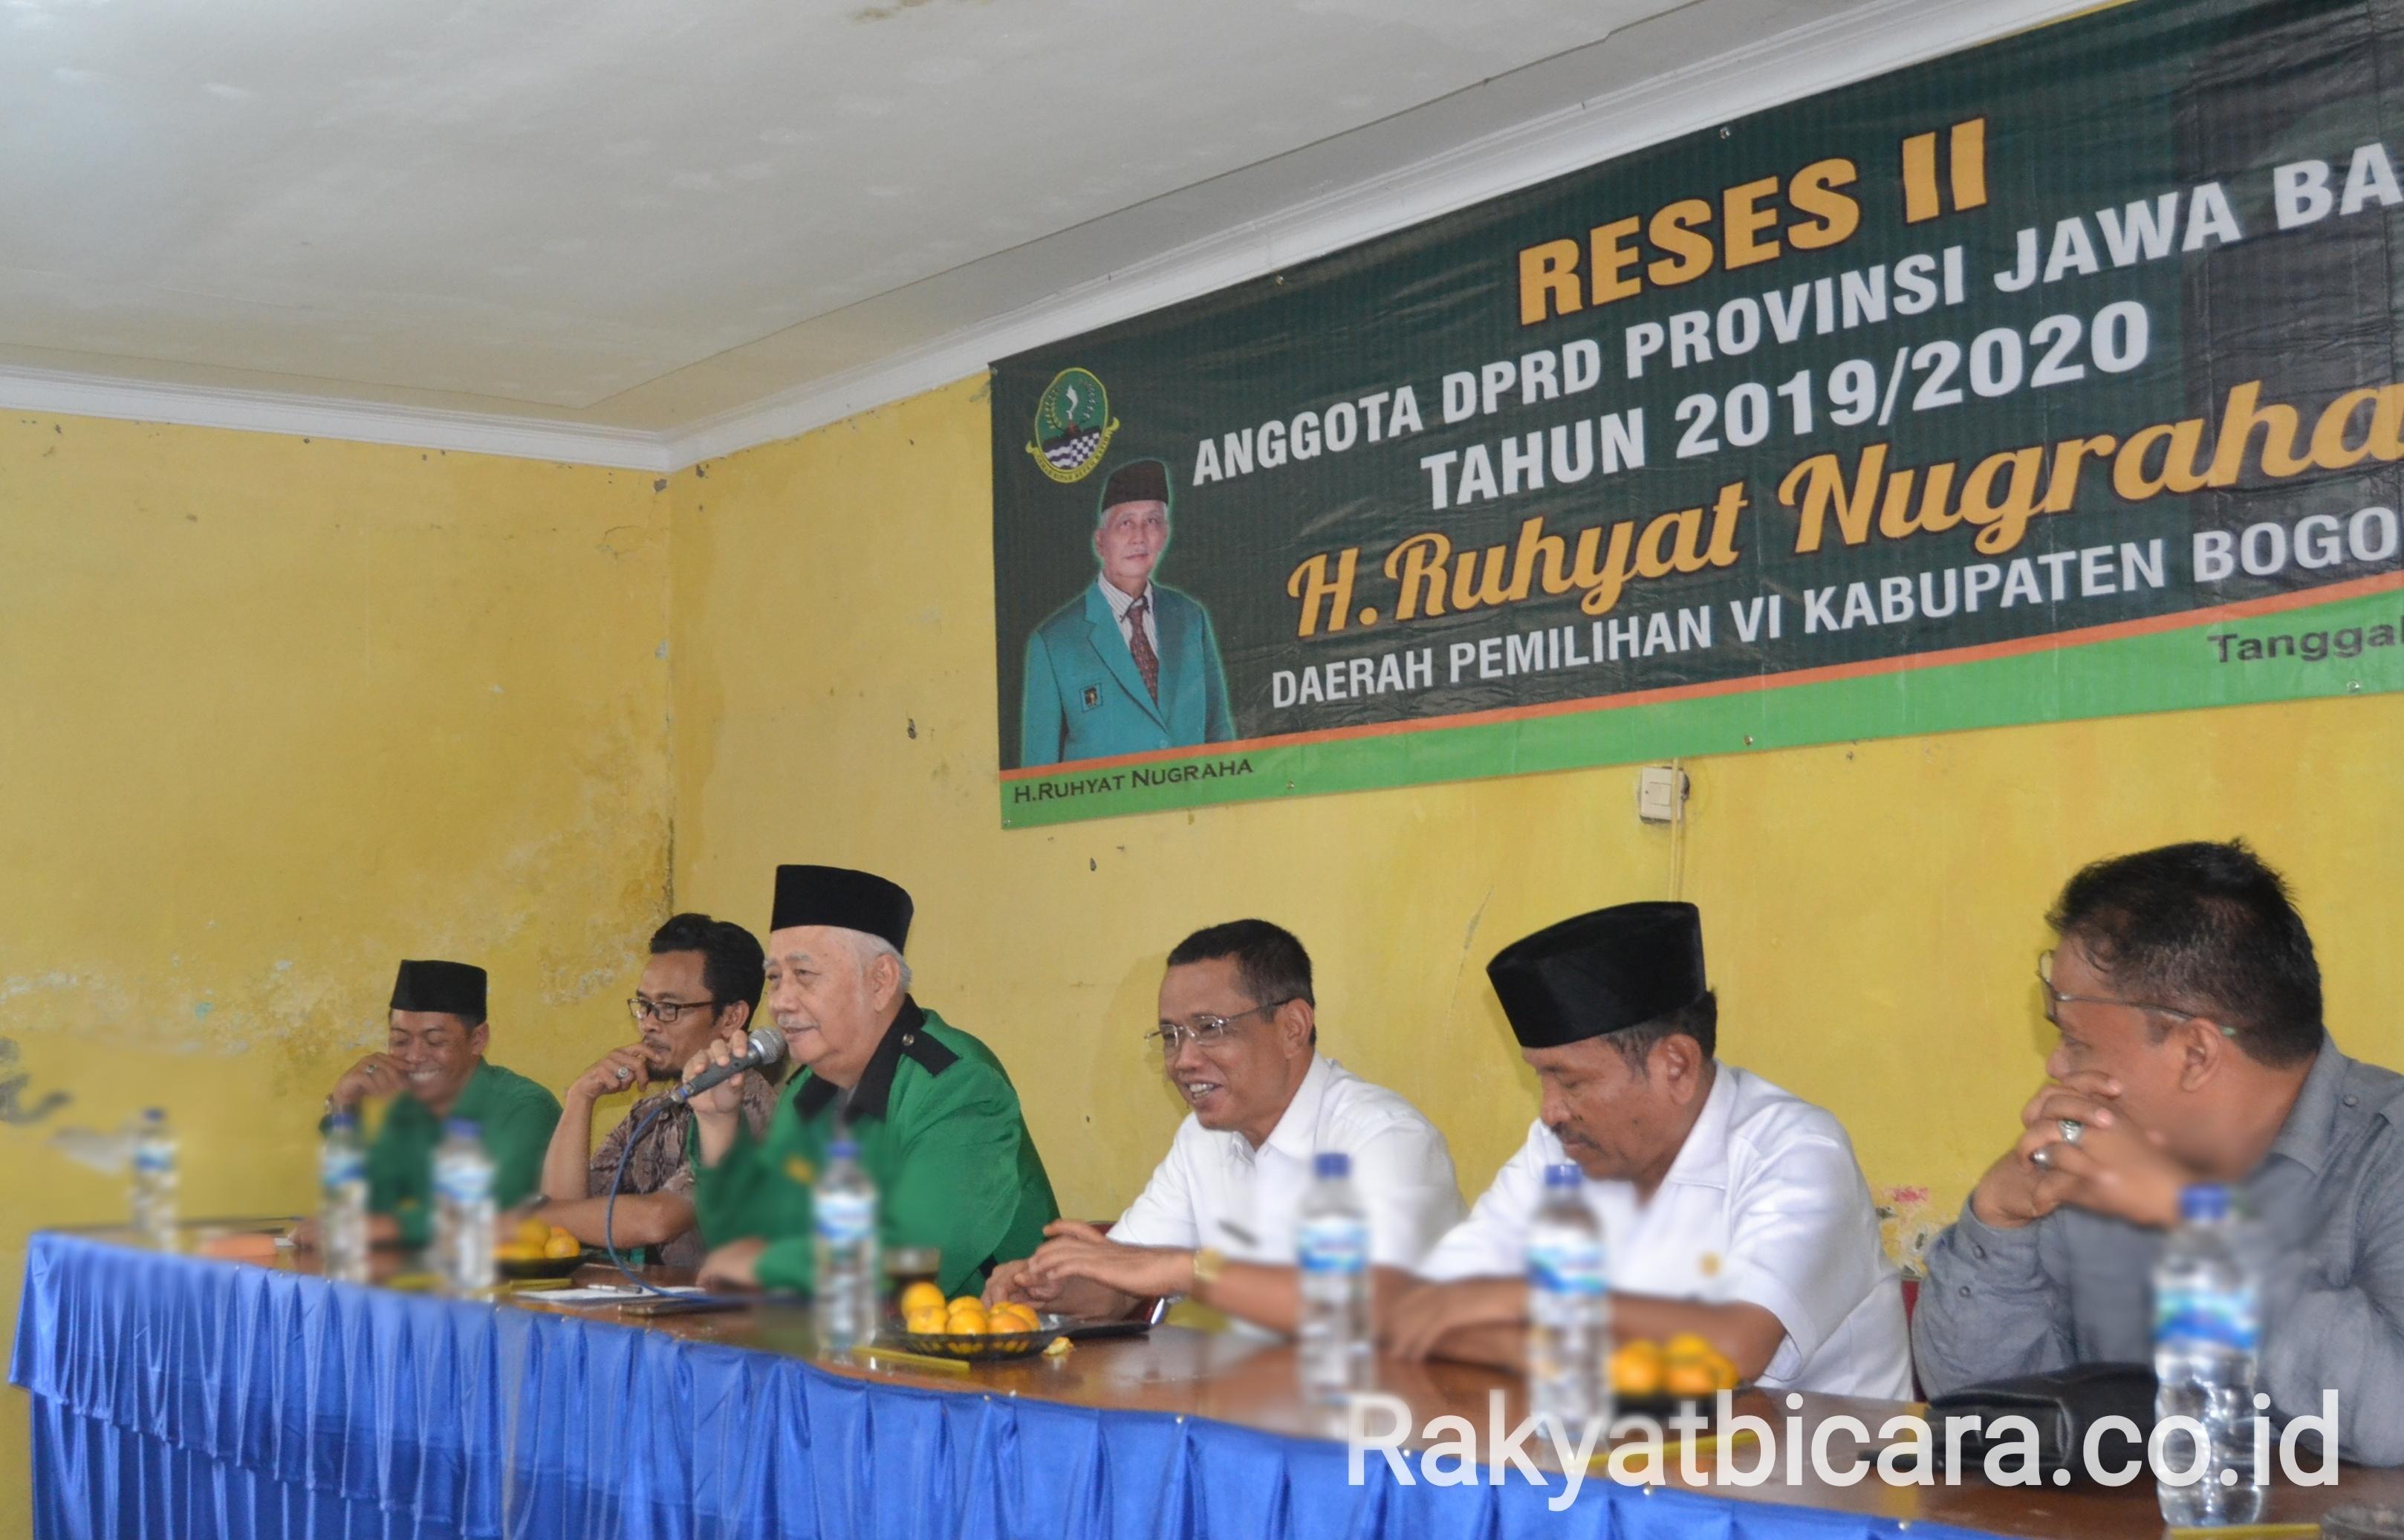 Reses II, Camat Bersama Lurah Harus fokus Pendidikan, Kesehatan Dan Kesejahteraan